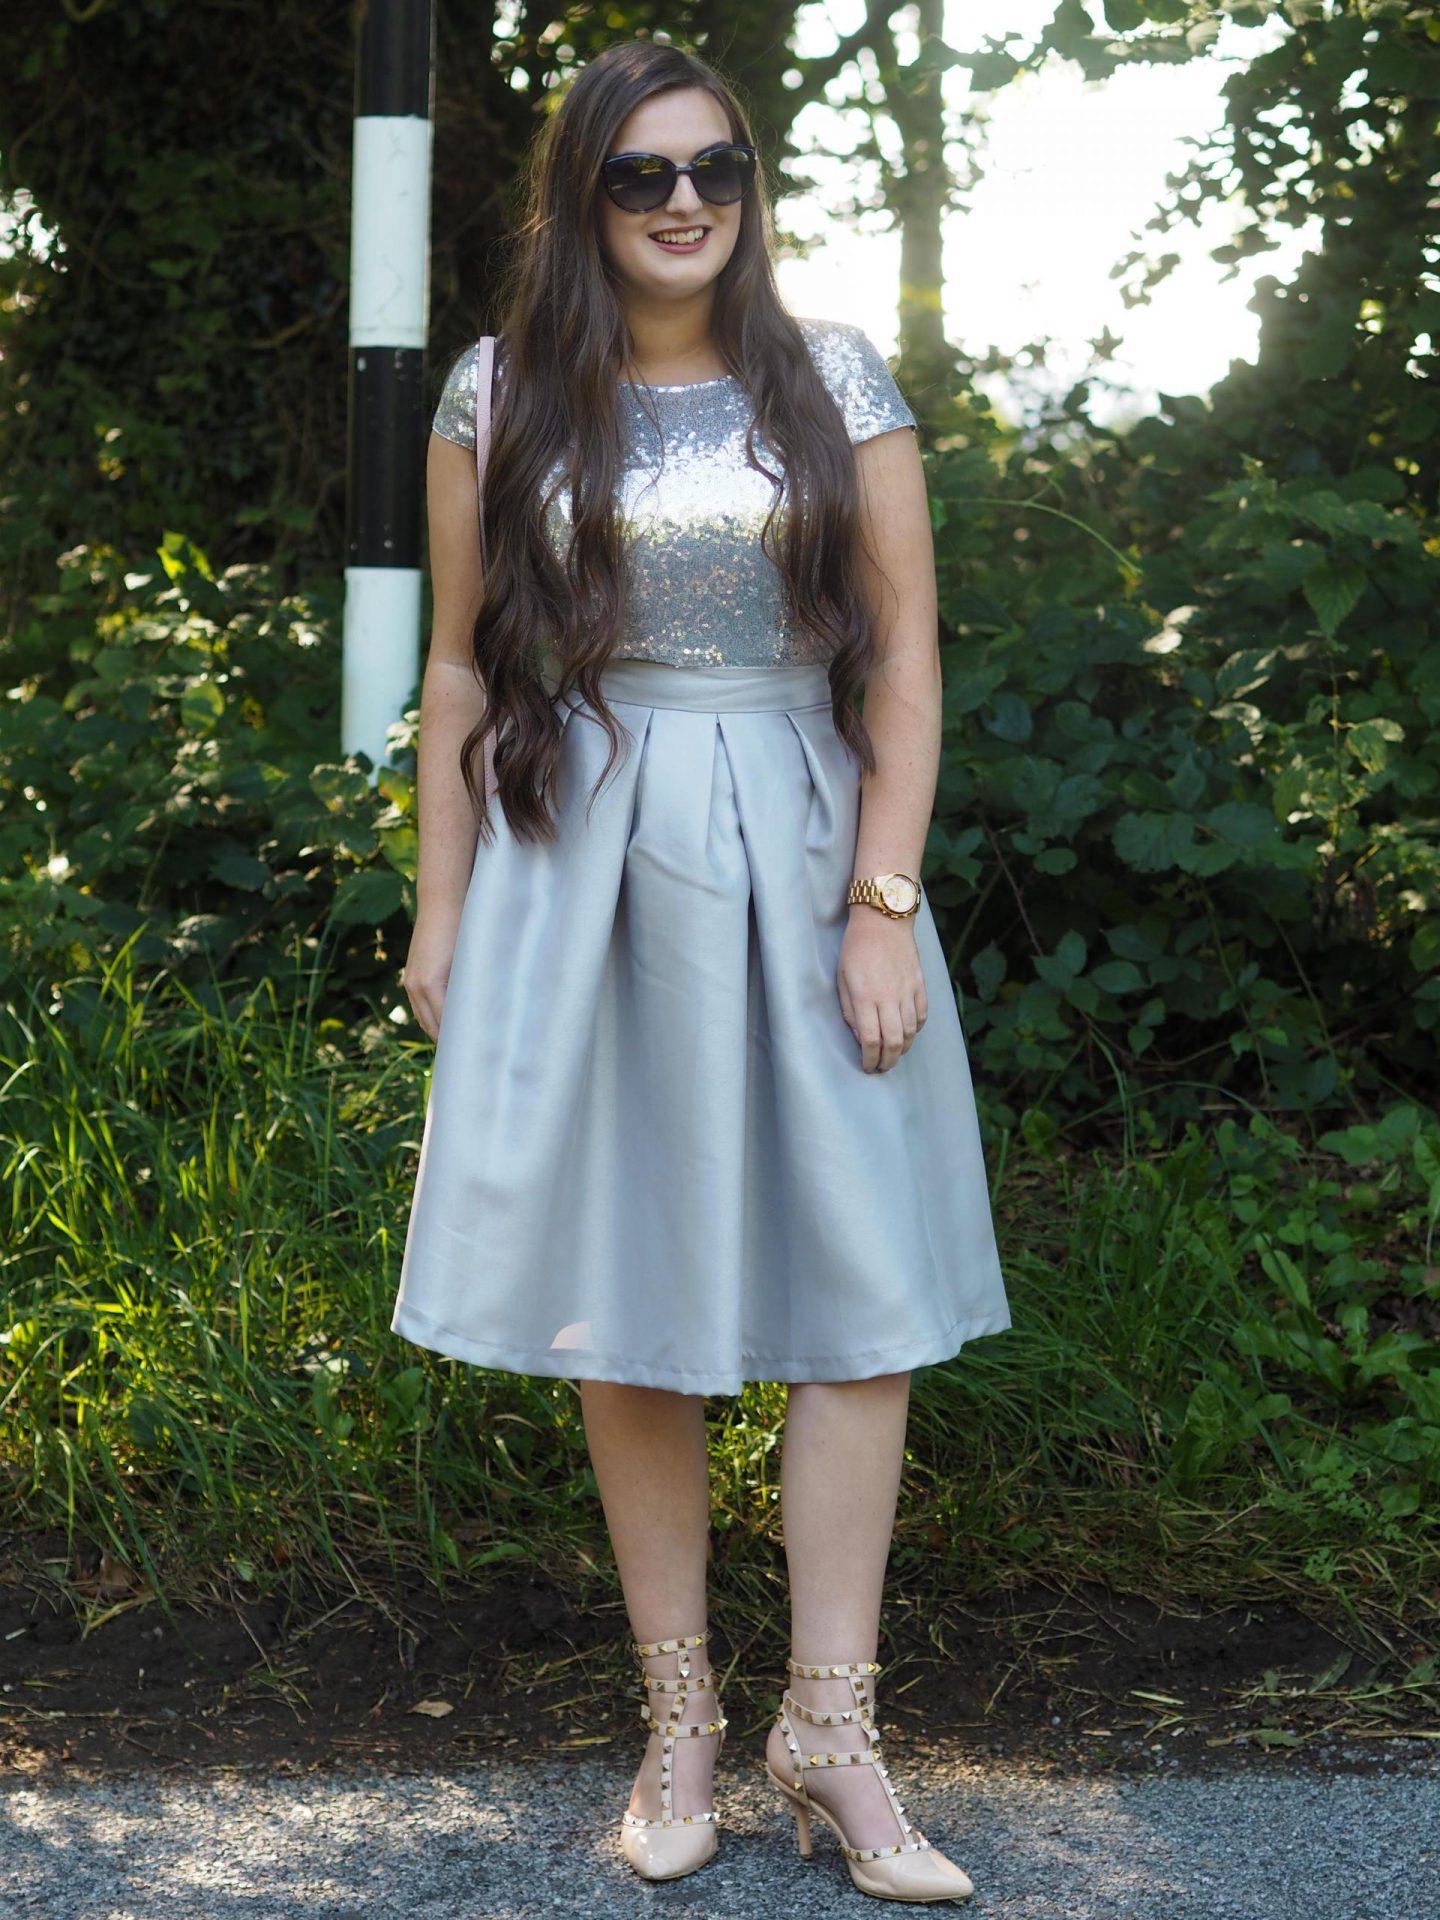 quiz-clothing-festive-sparkle-dress-rachel-nicole-uk-fashion-blogger-3